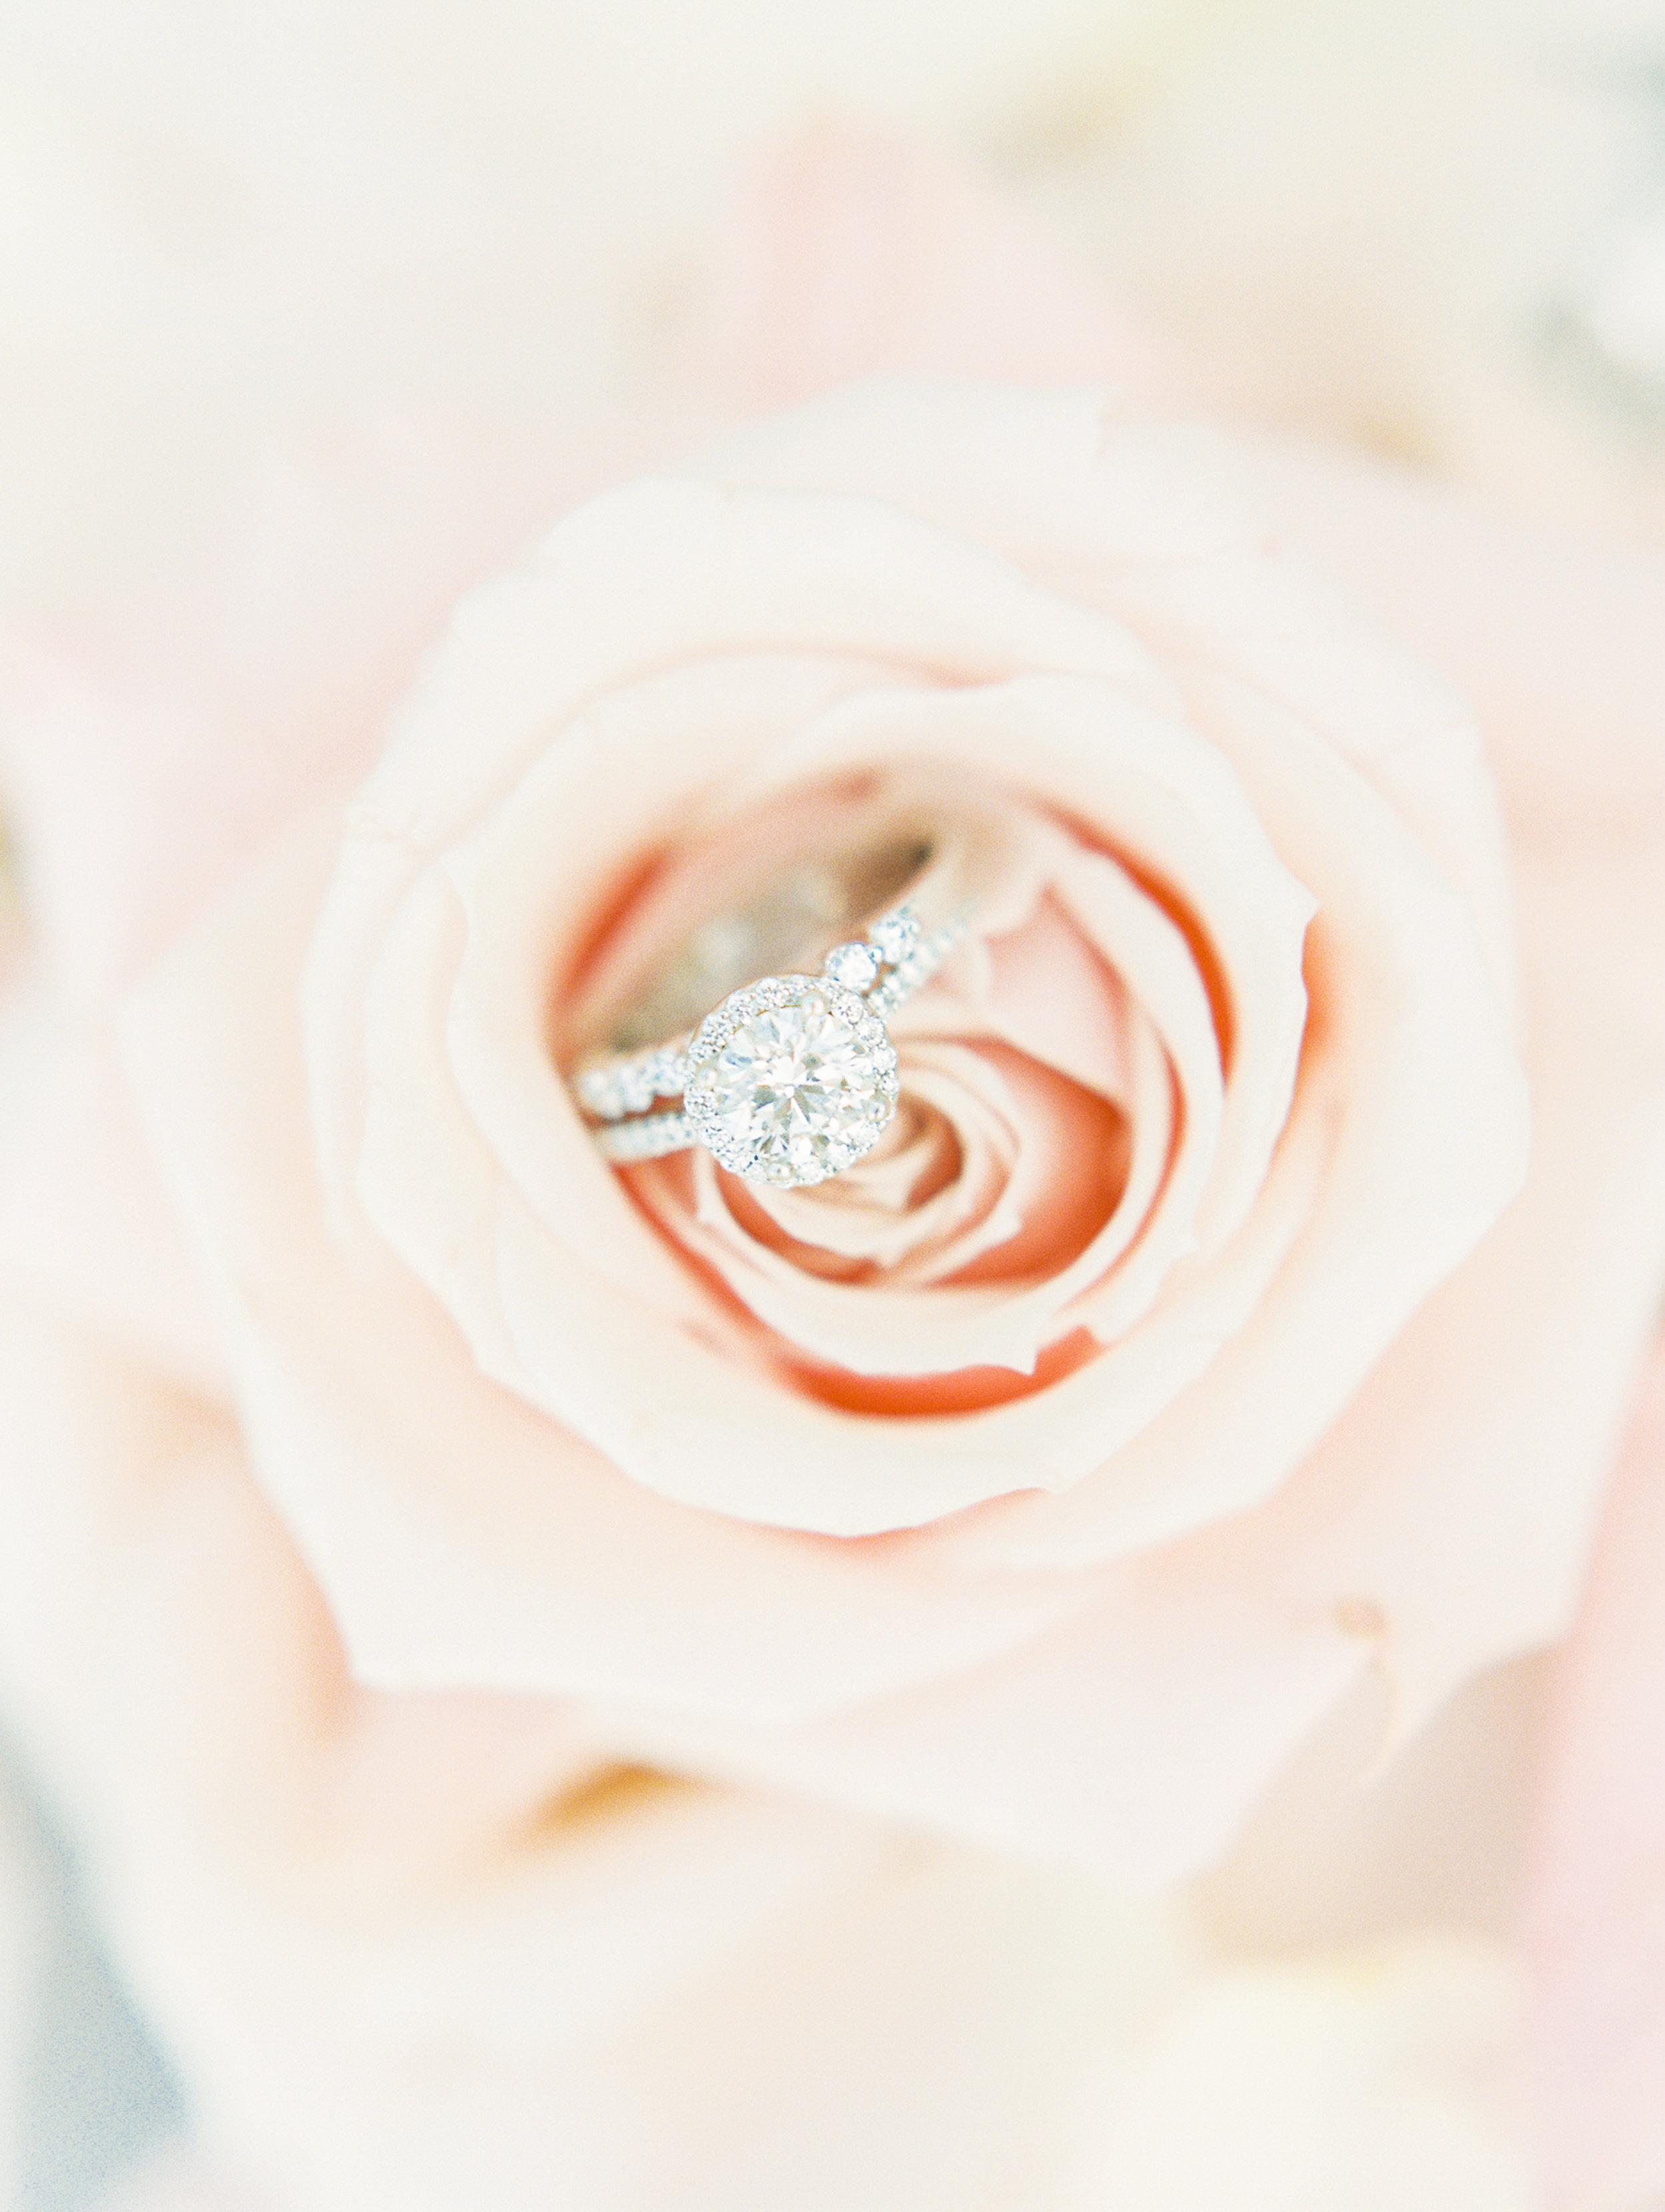 Cupp+Wedding+Detailsf-20.jpg